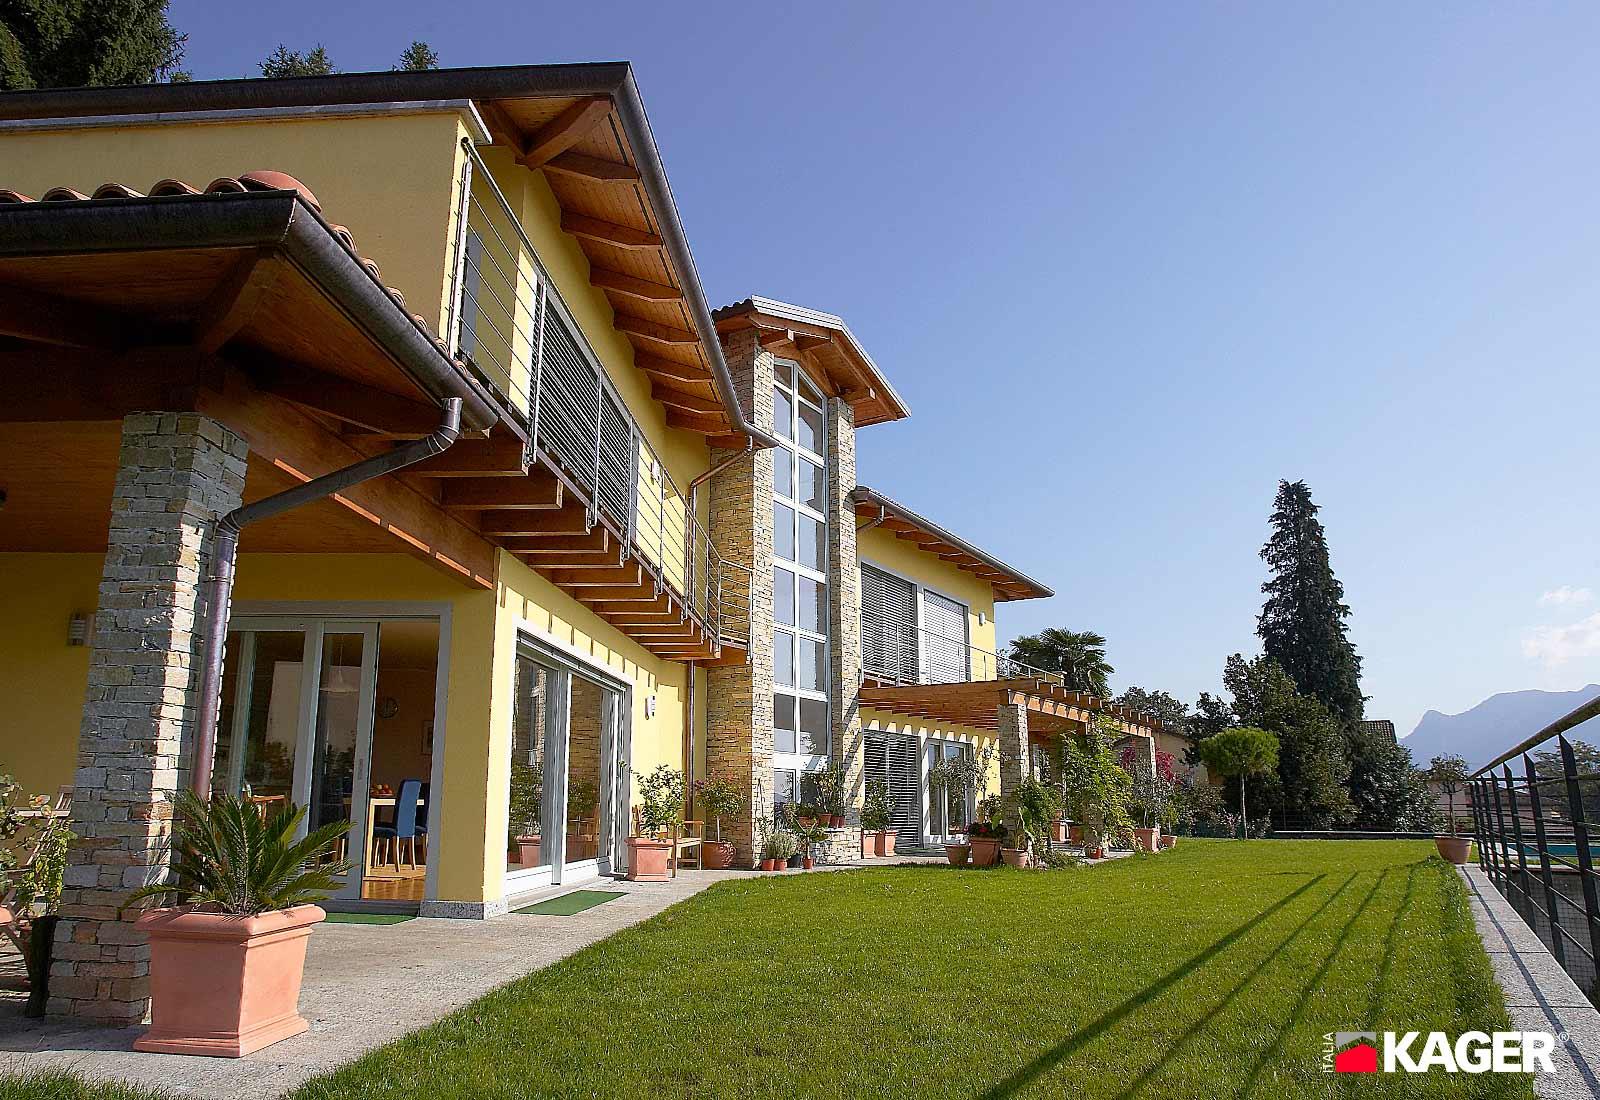 Casa-in-legno-Verbania-Kager-Italia-03